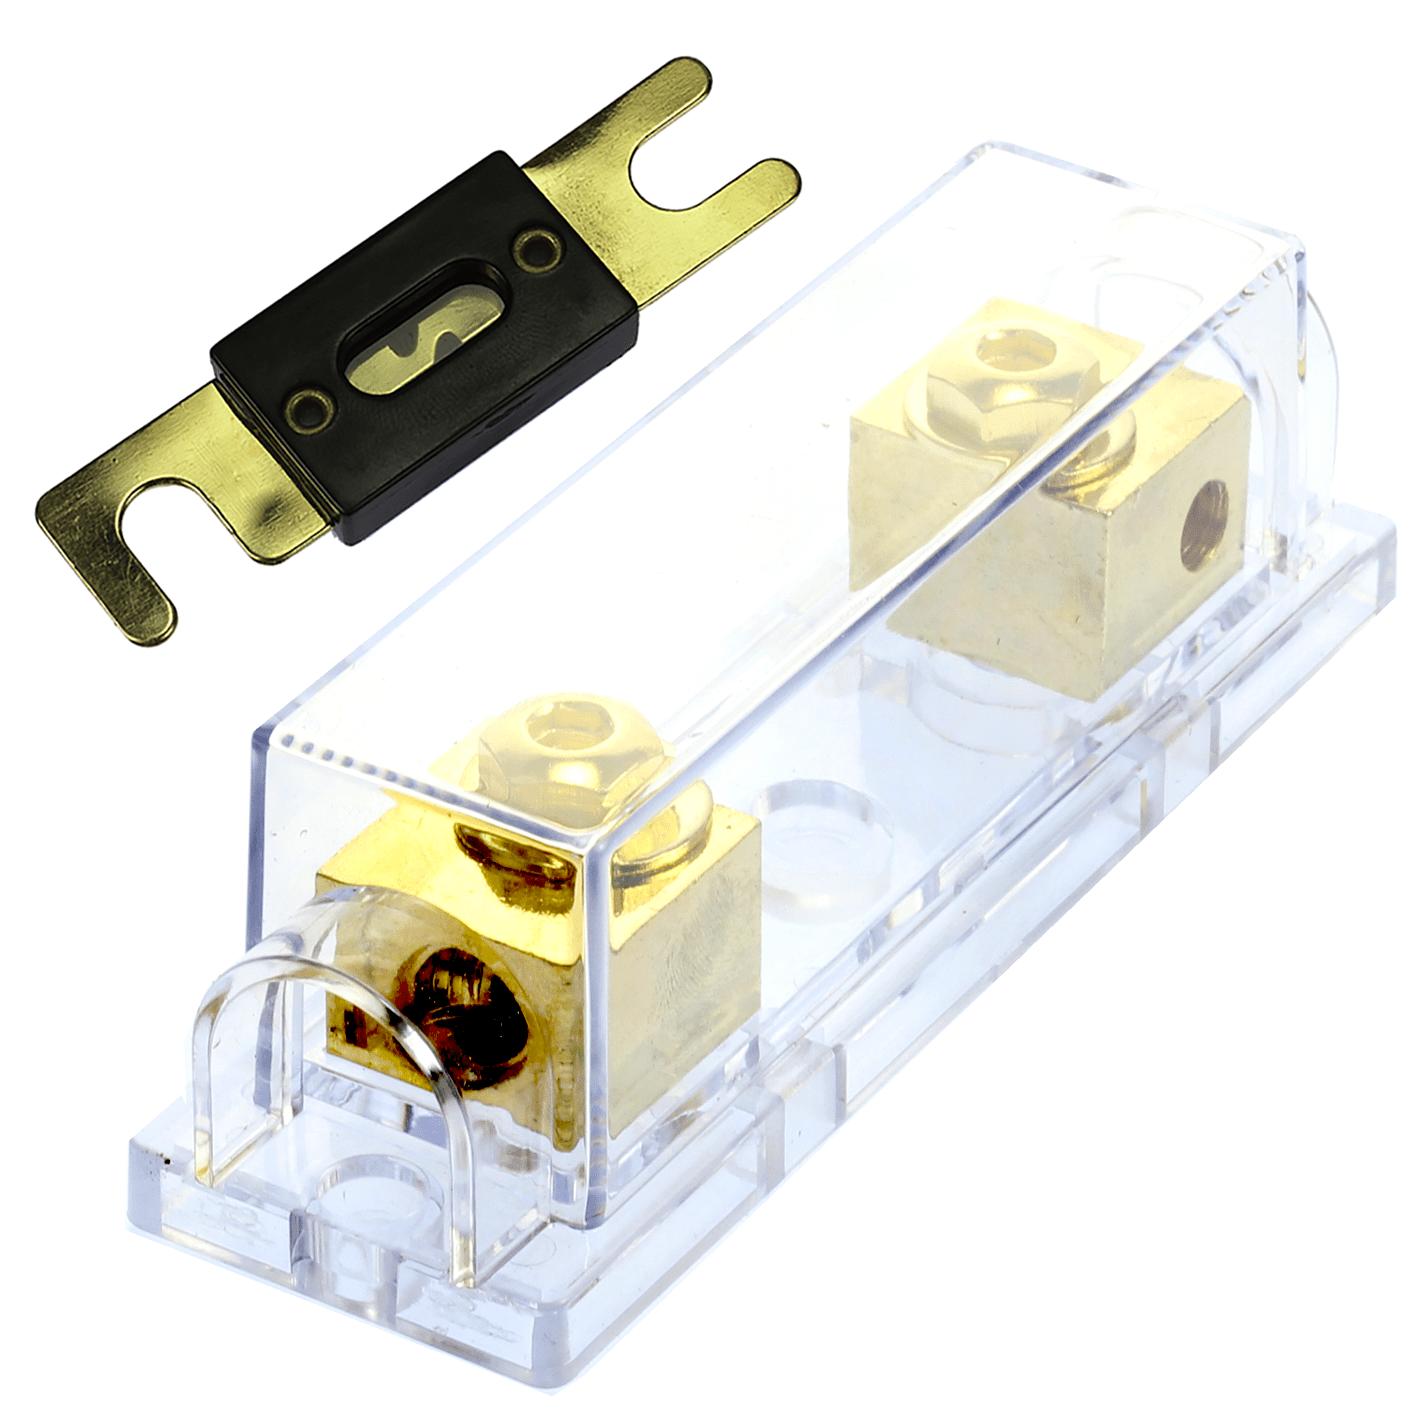 hight resolution of details about 1 150 amp anl fuse holder gold fuseholder 4 awg gauge inline